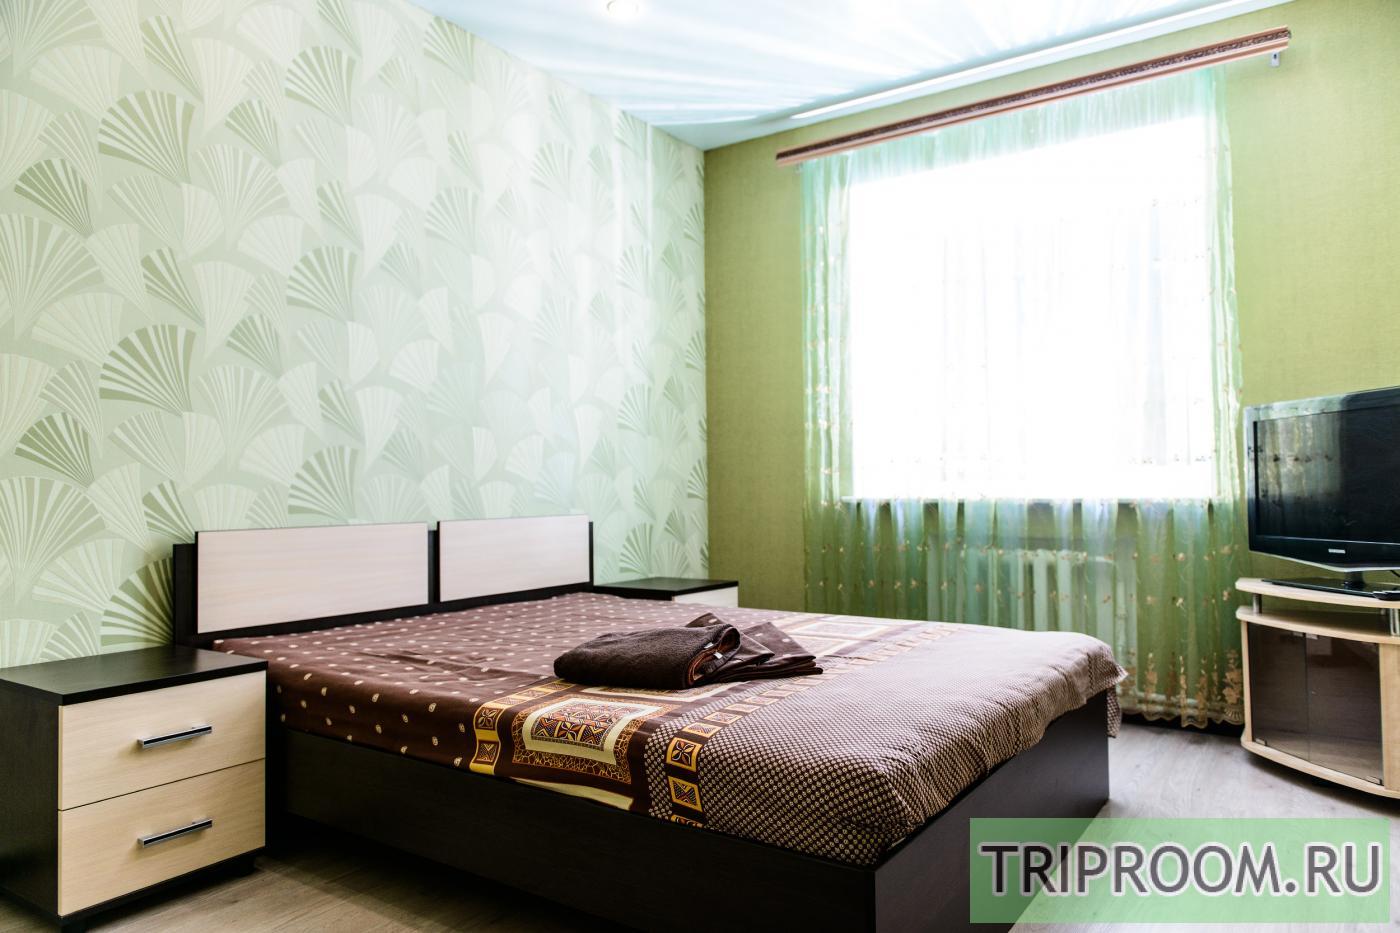 2-комнатная квартира посуточно (вариант № 15725), ул. Коммунистическая улица, фото № 2